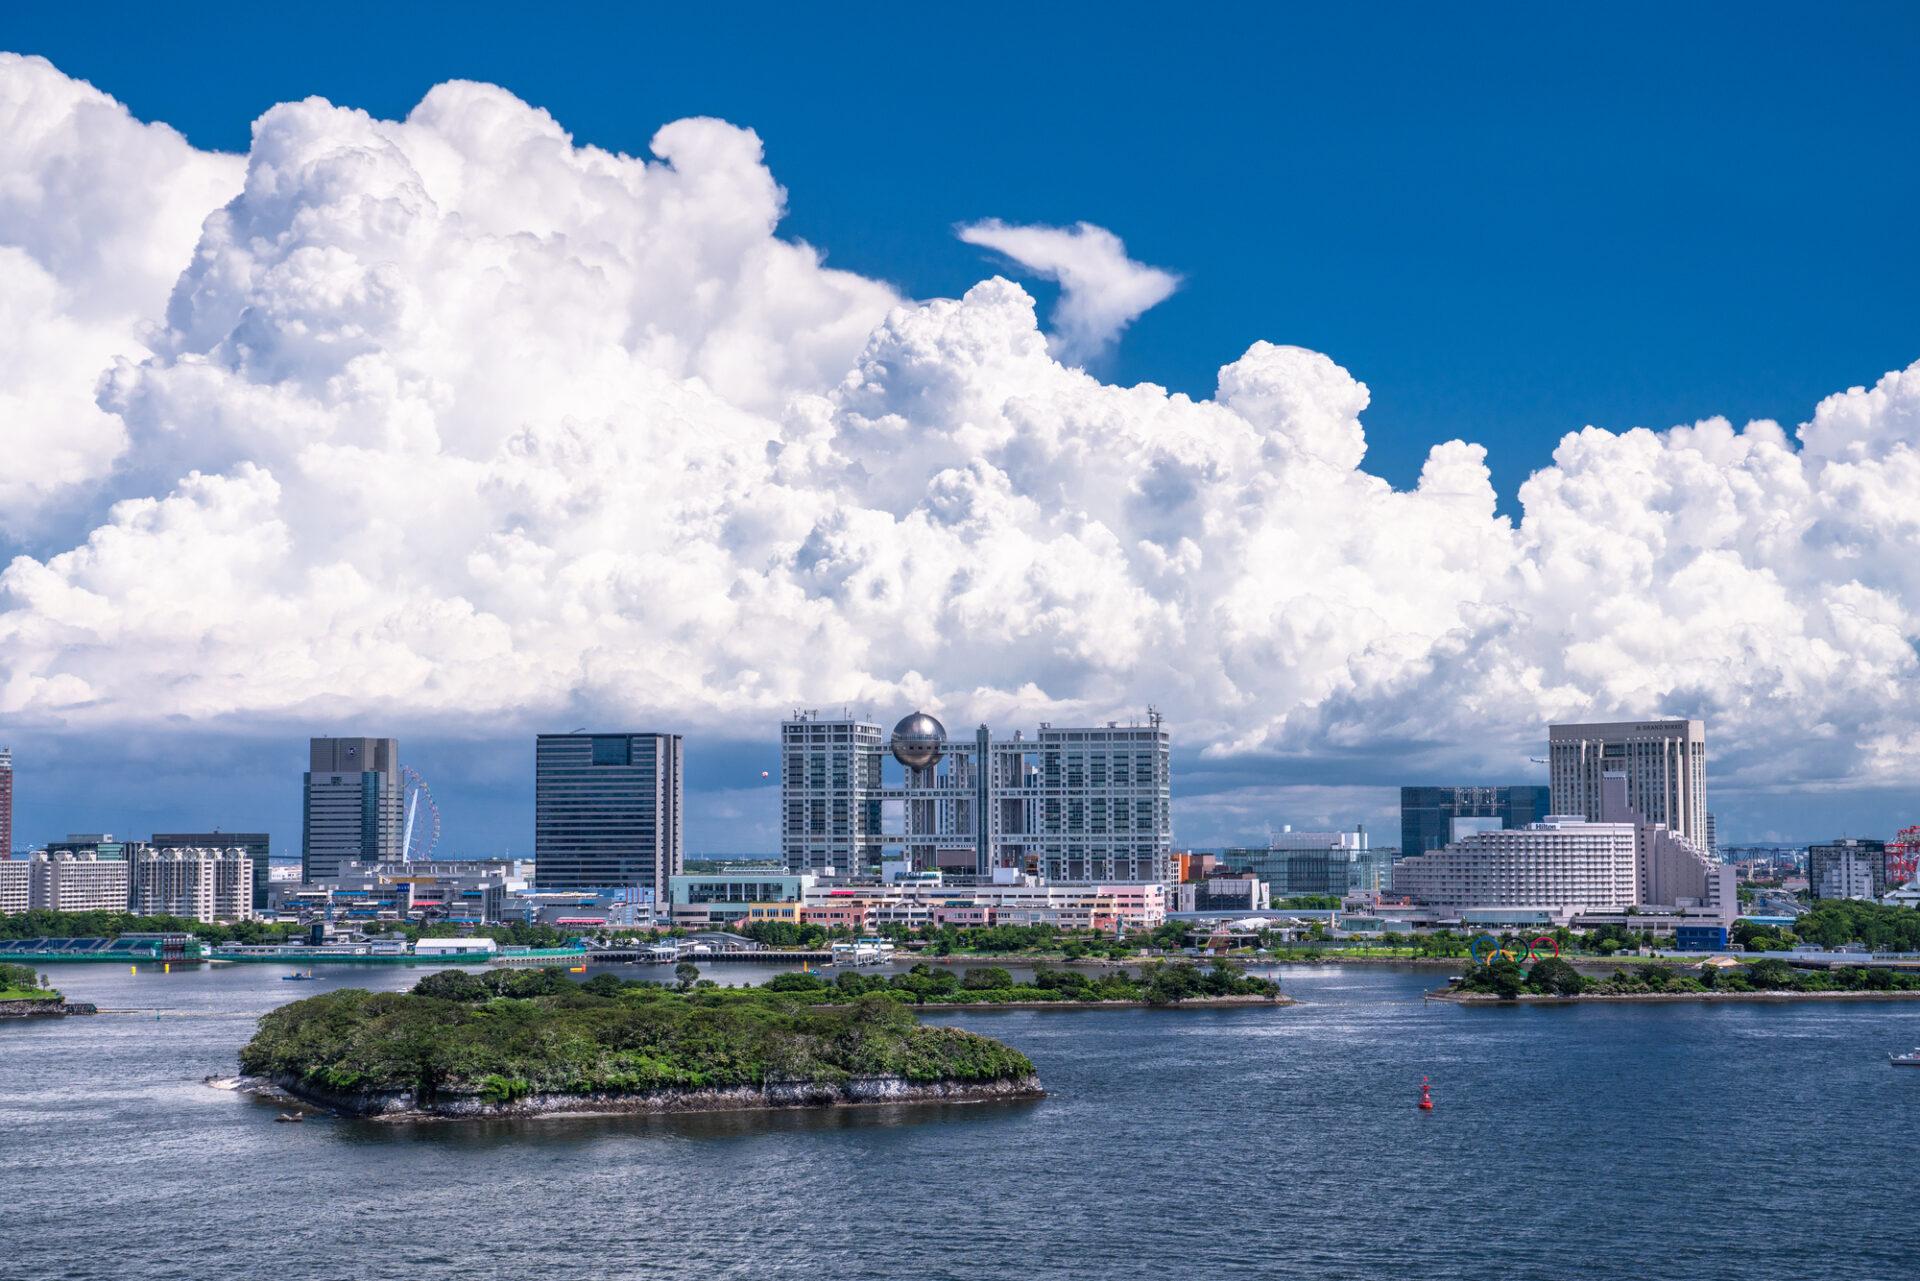 青い空と大きい雲がかかった海